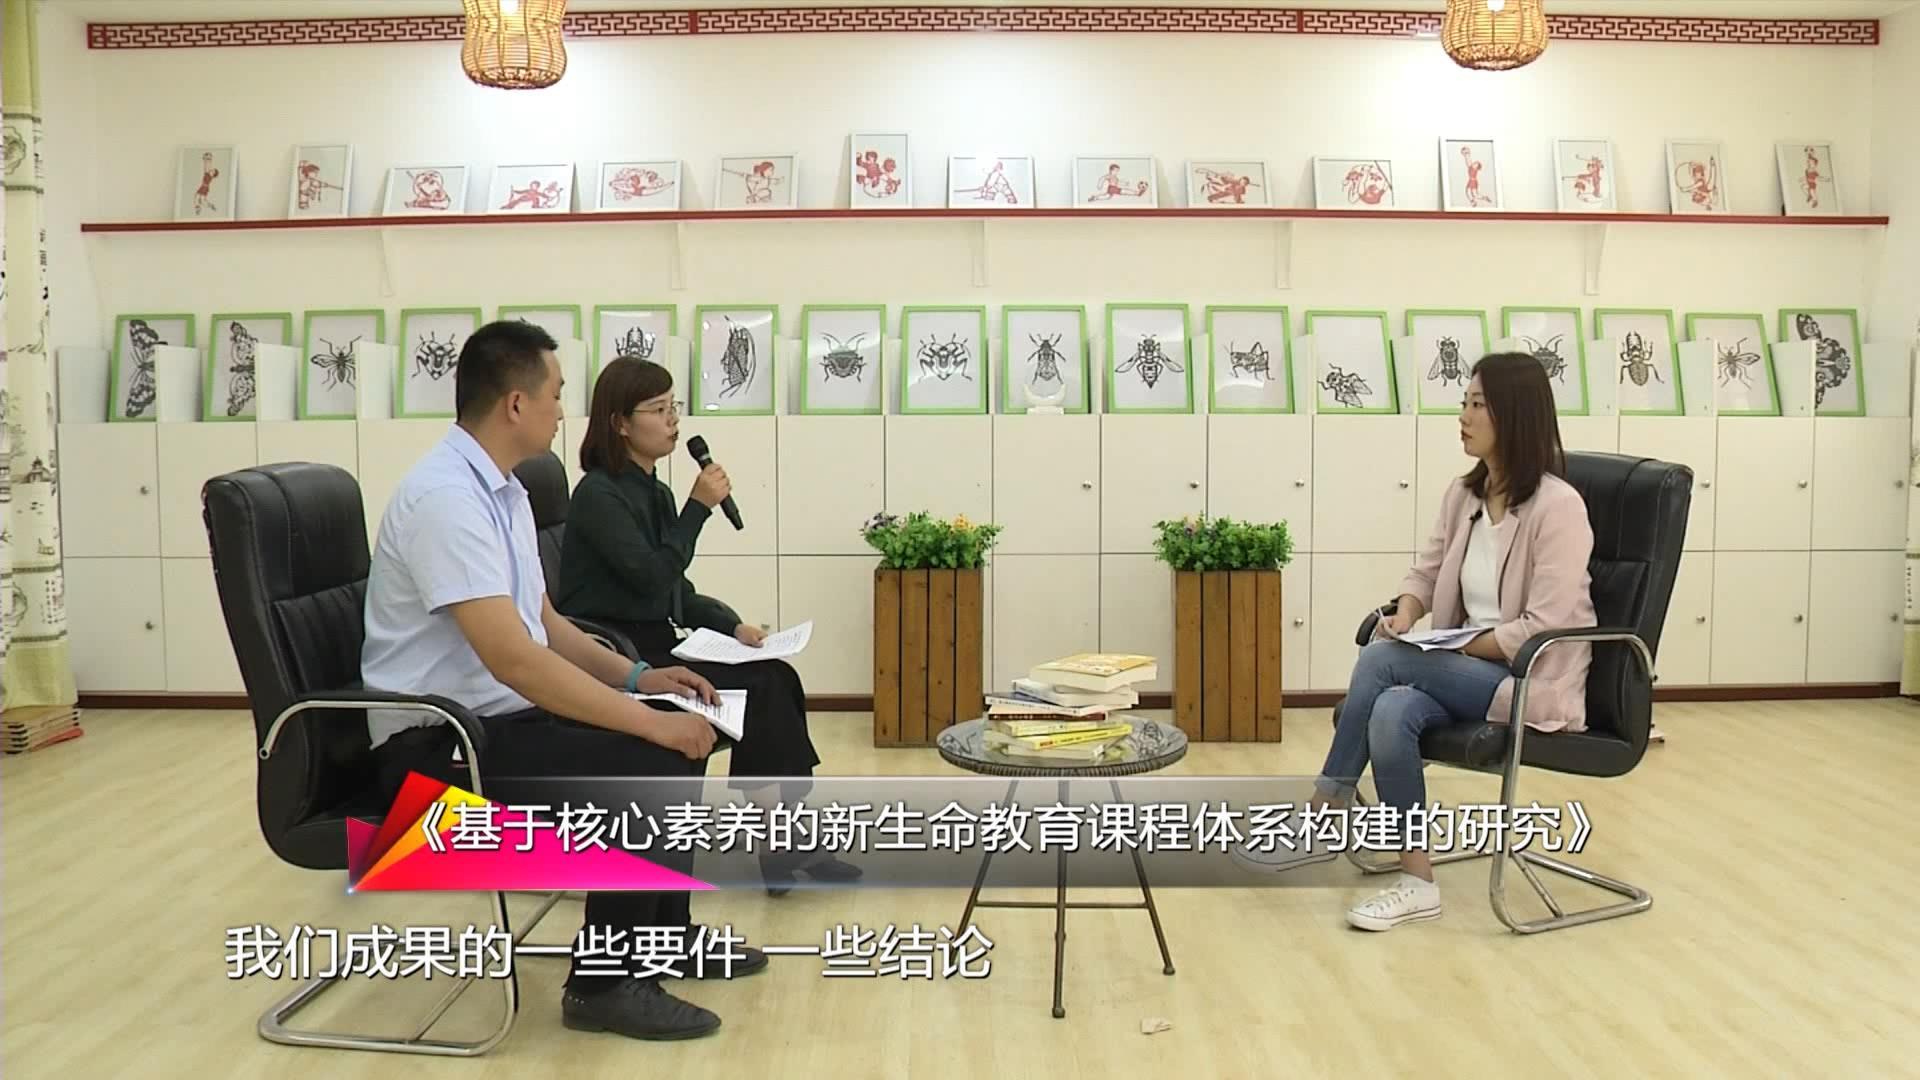 聚焦教科研--郑州市二七区培育小学